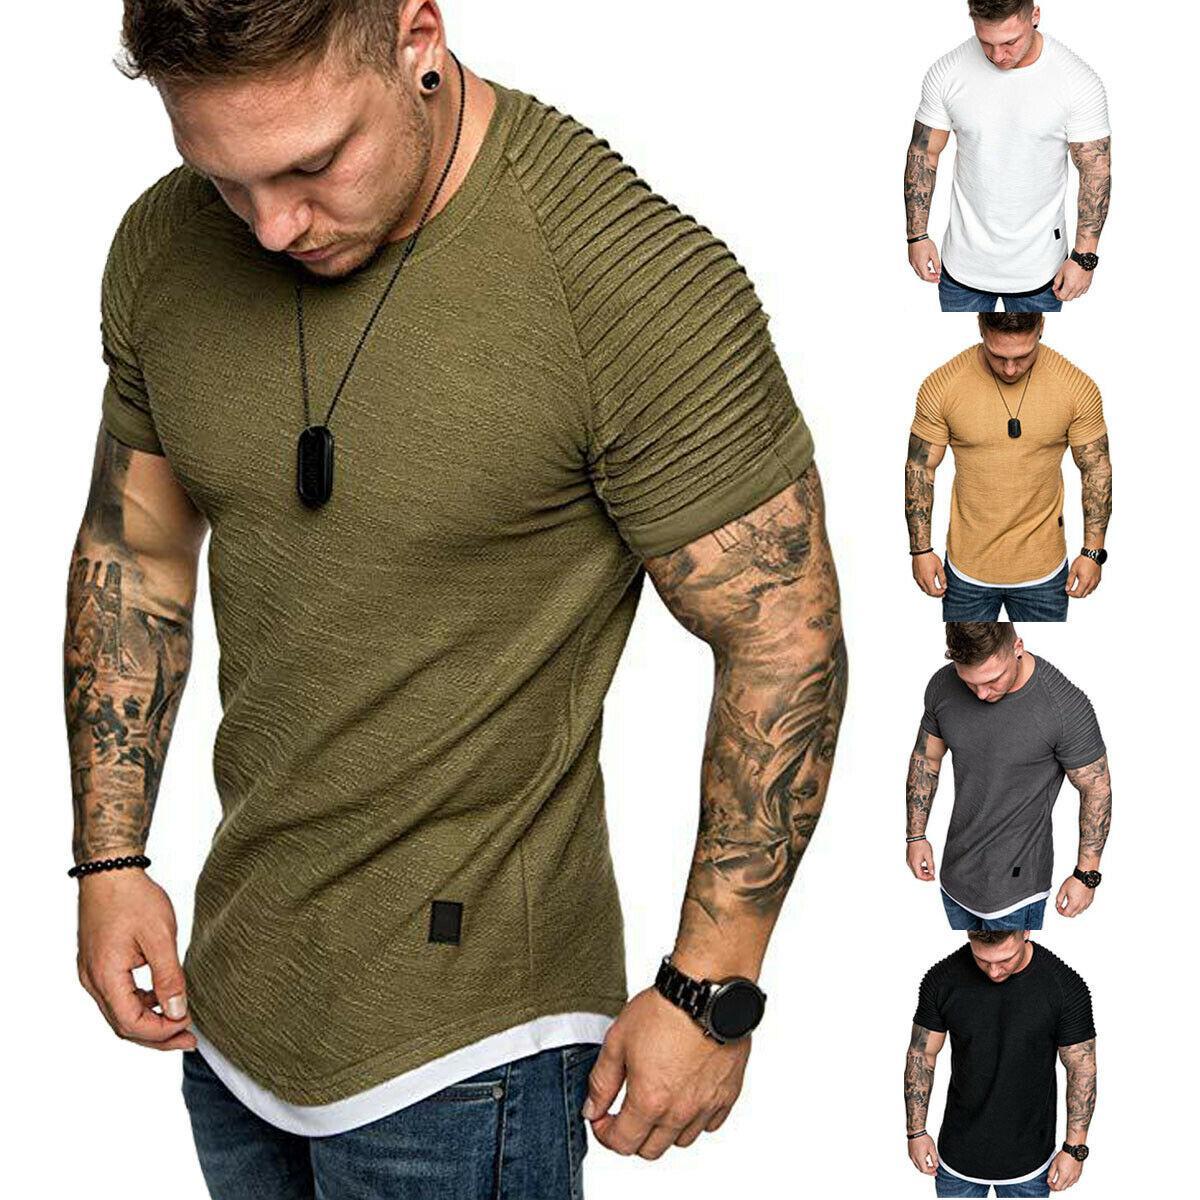 Sıcak erkek T-Shirt Pileli Buruşuk Slim Fit O Boyun Kısa Kollu Kas Katı Rahat Gömlek Tops Yaz Temel Tee Yeni